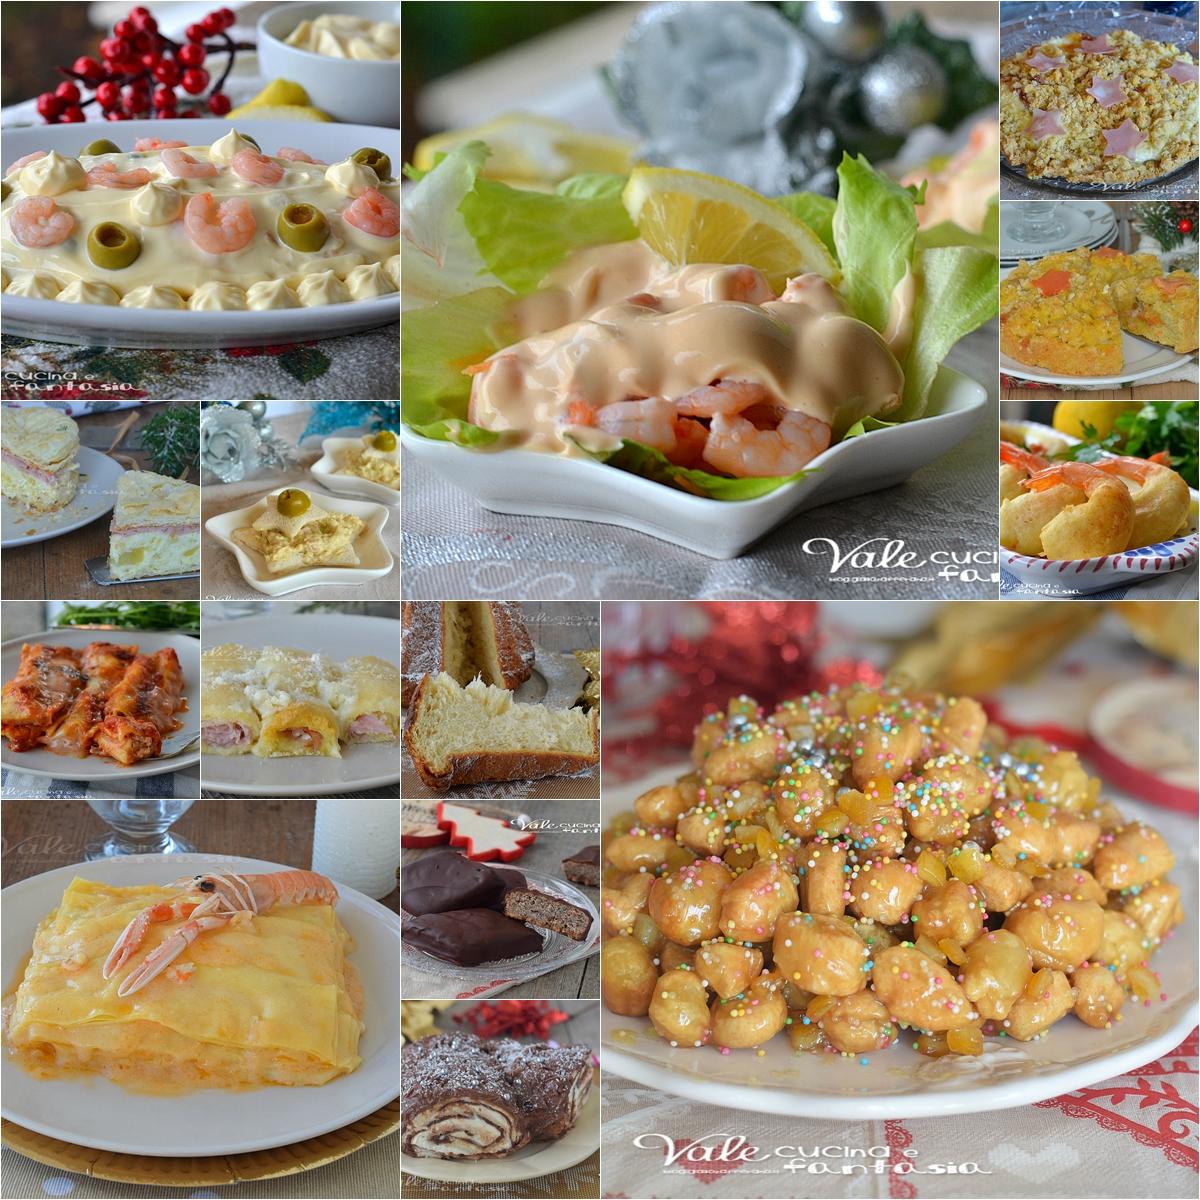 Ricette Pranzo Di Natale 2019.Ricette Facili Pranzo Di Natale Disegni Di Natale 2019